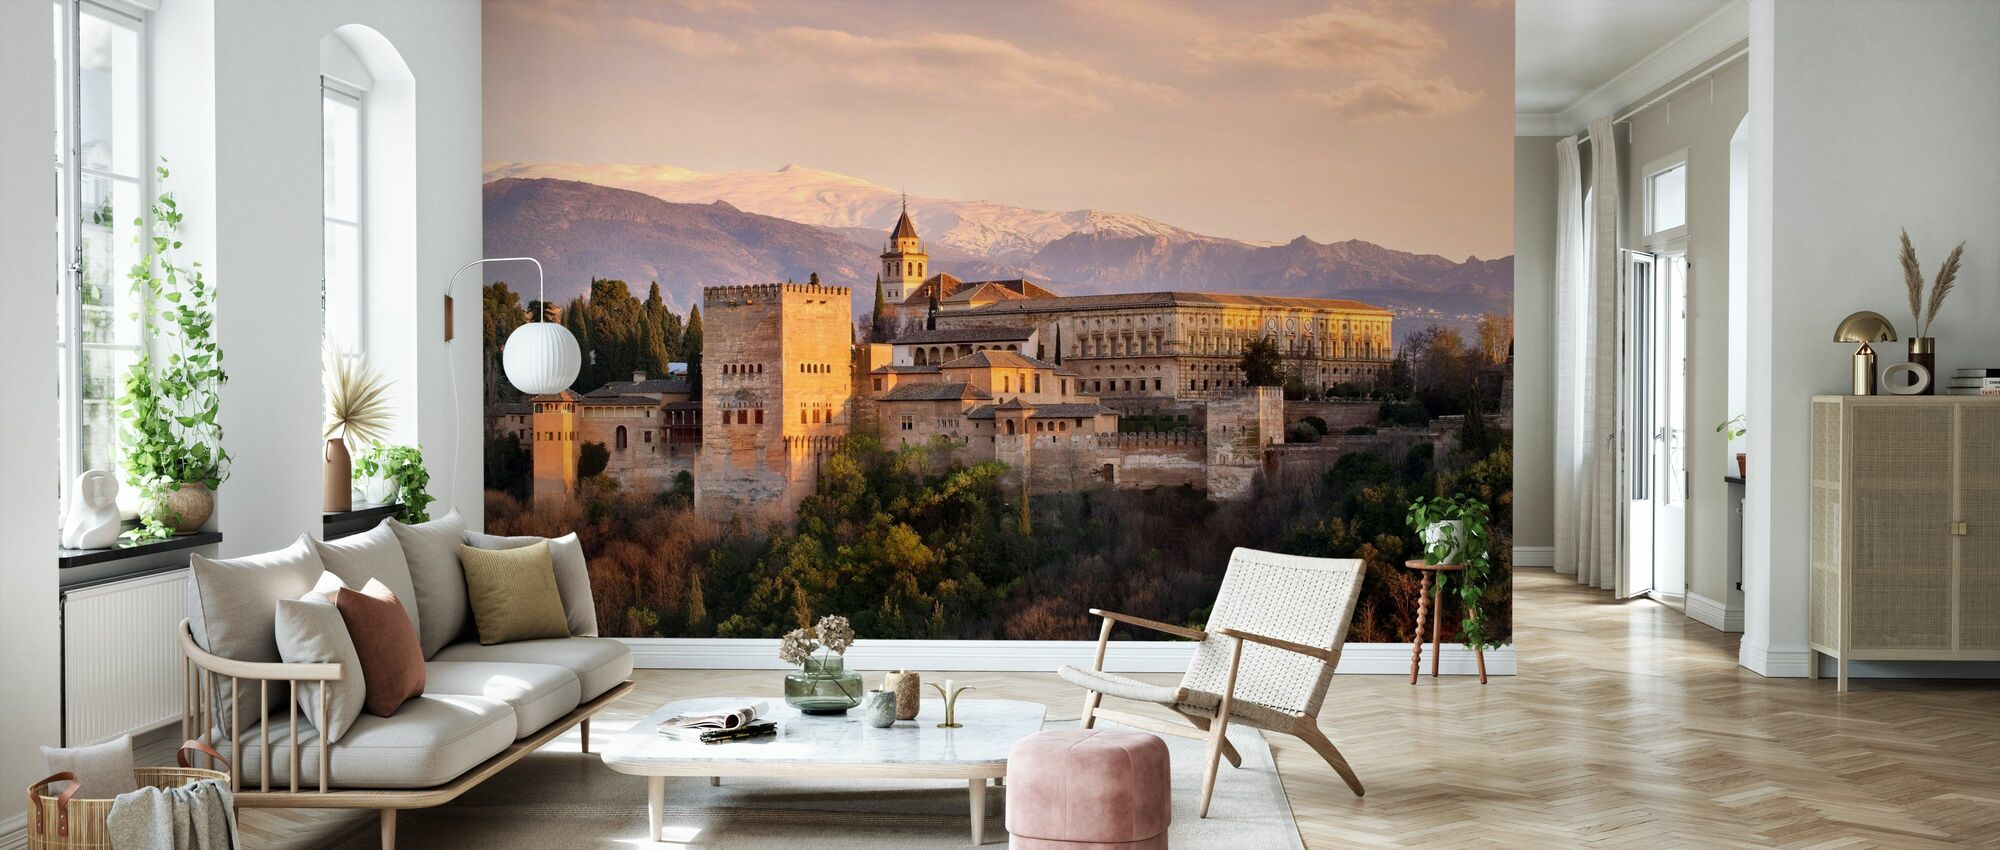 Alhambra in Granada - Wallpaper - Living Room